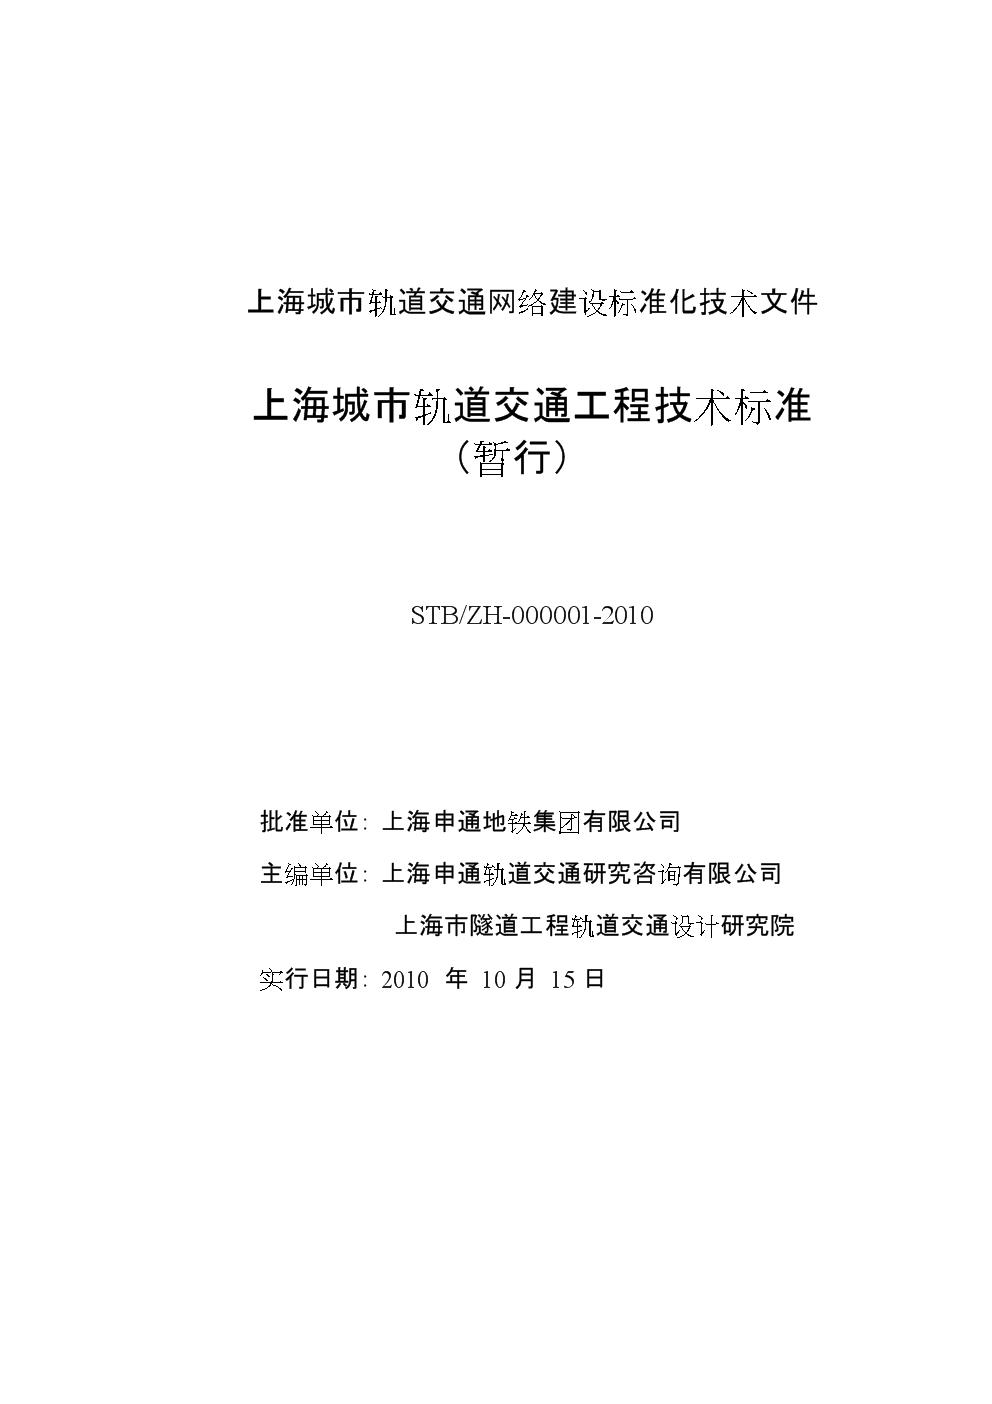 上海城市轨道交通工程技术标准STBZH-000001-2010.doc